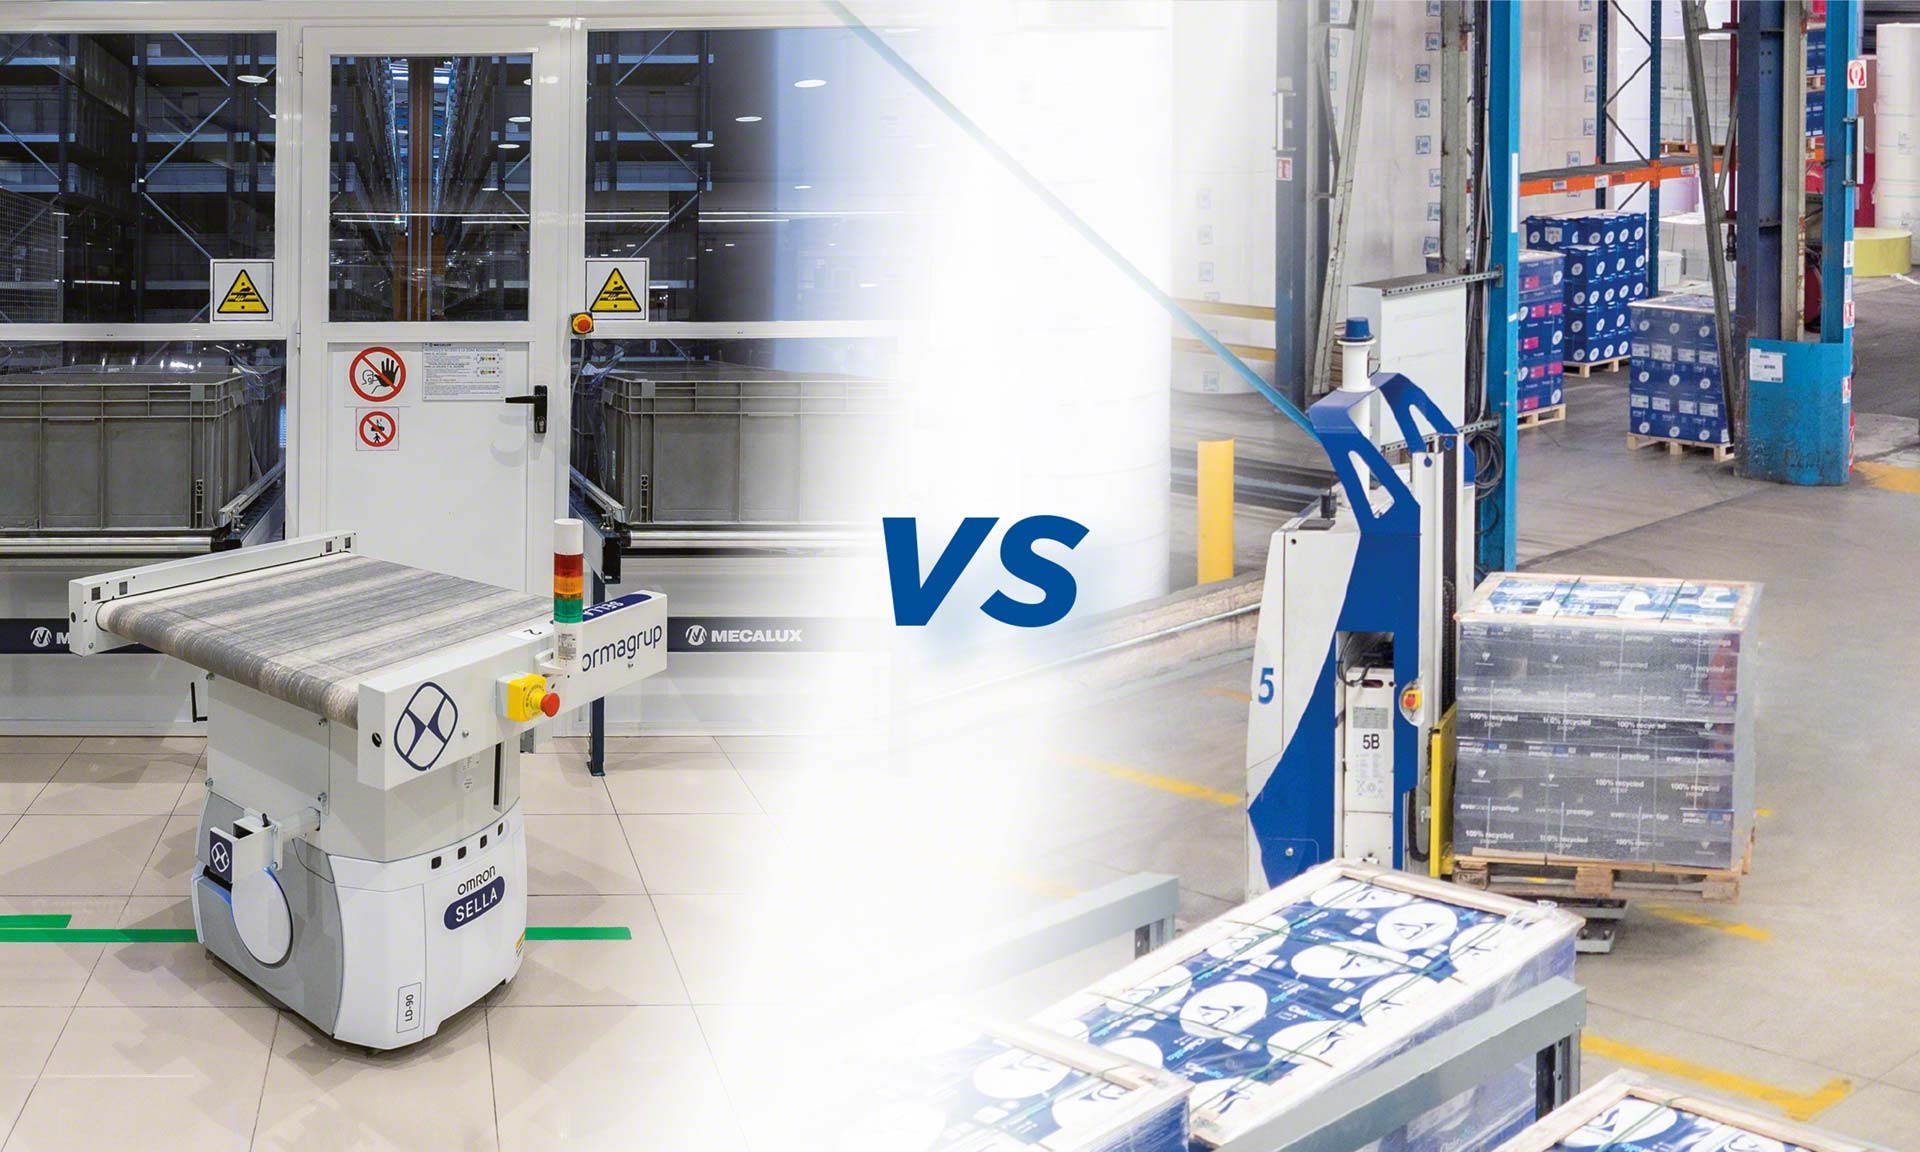 Tanto los AGV como los AMR se han convertido en eficientes sistemas de transporte automático de mercadería